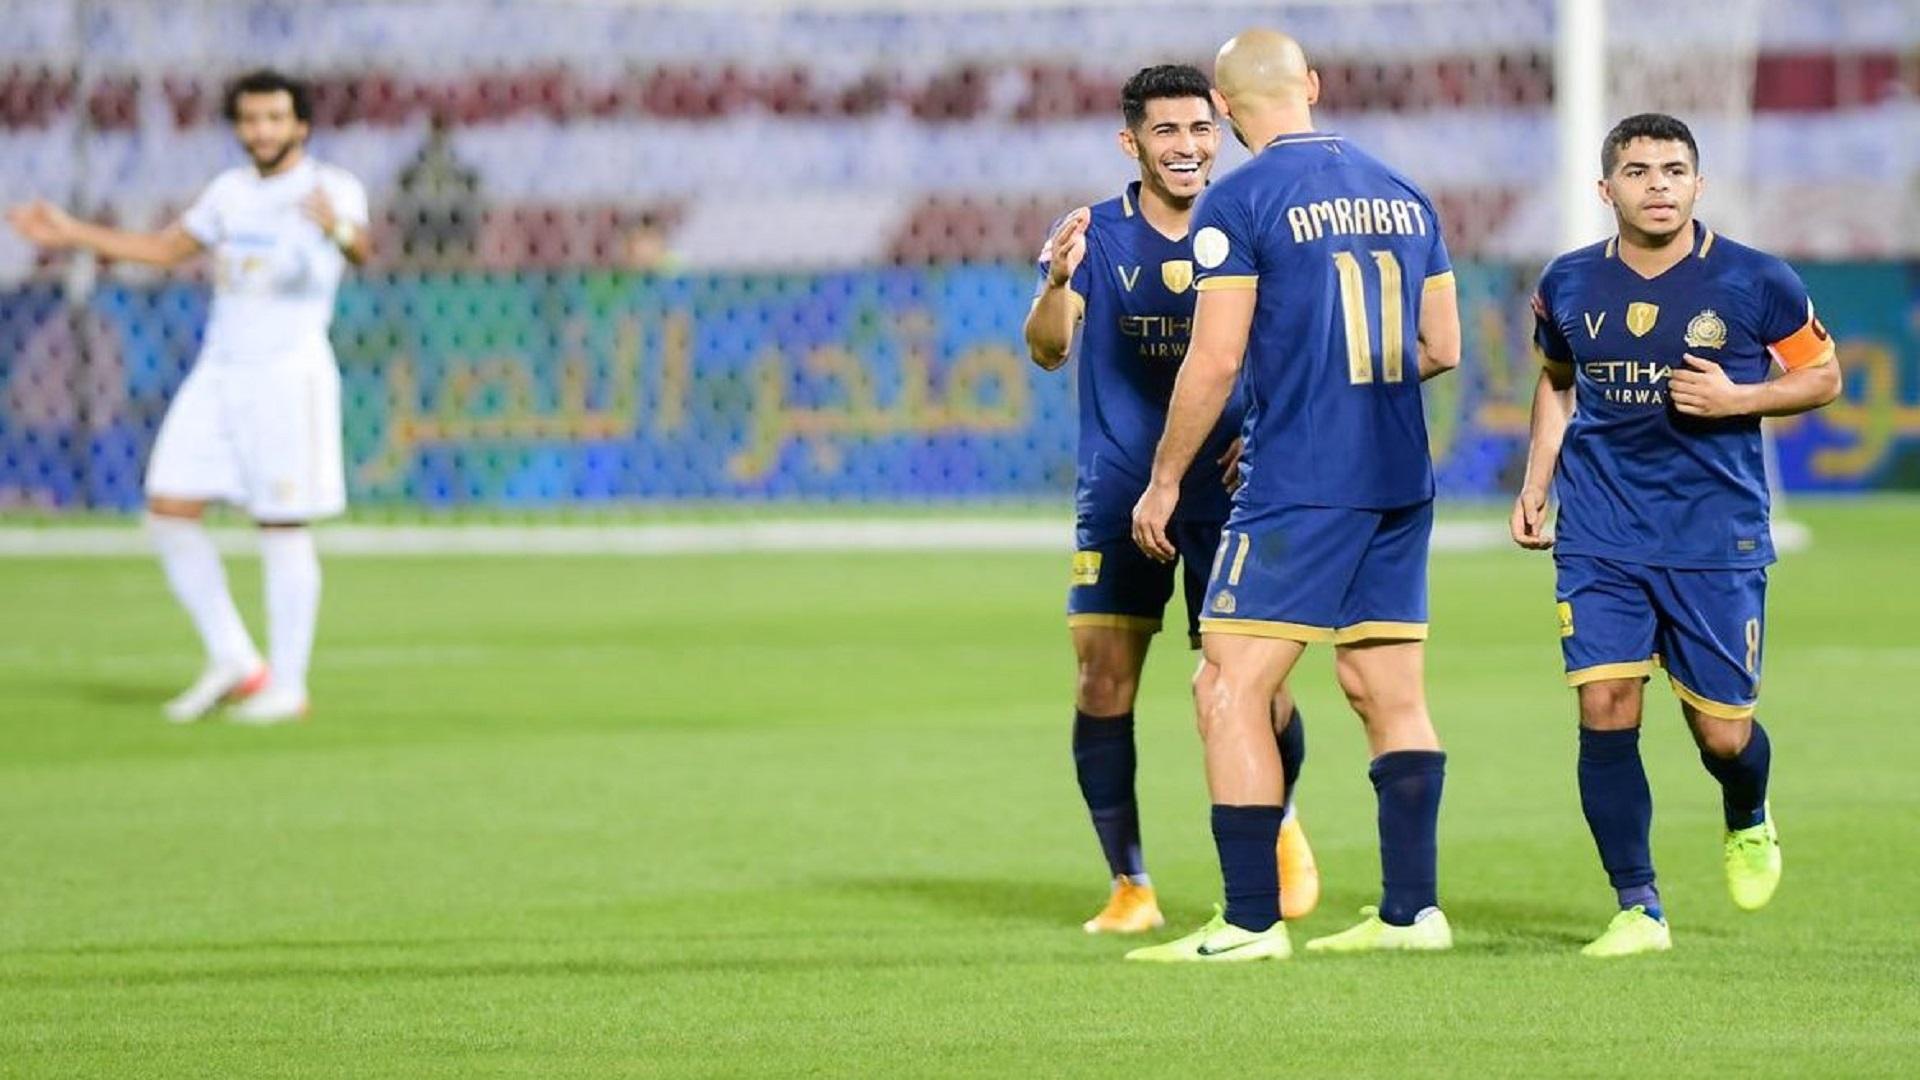 نتيجة بحث الصور عن موعد مباراة النصر والتعاون goal.com